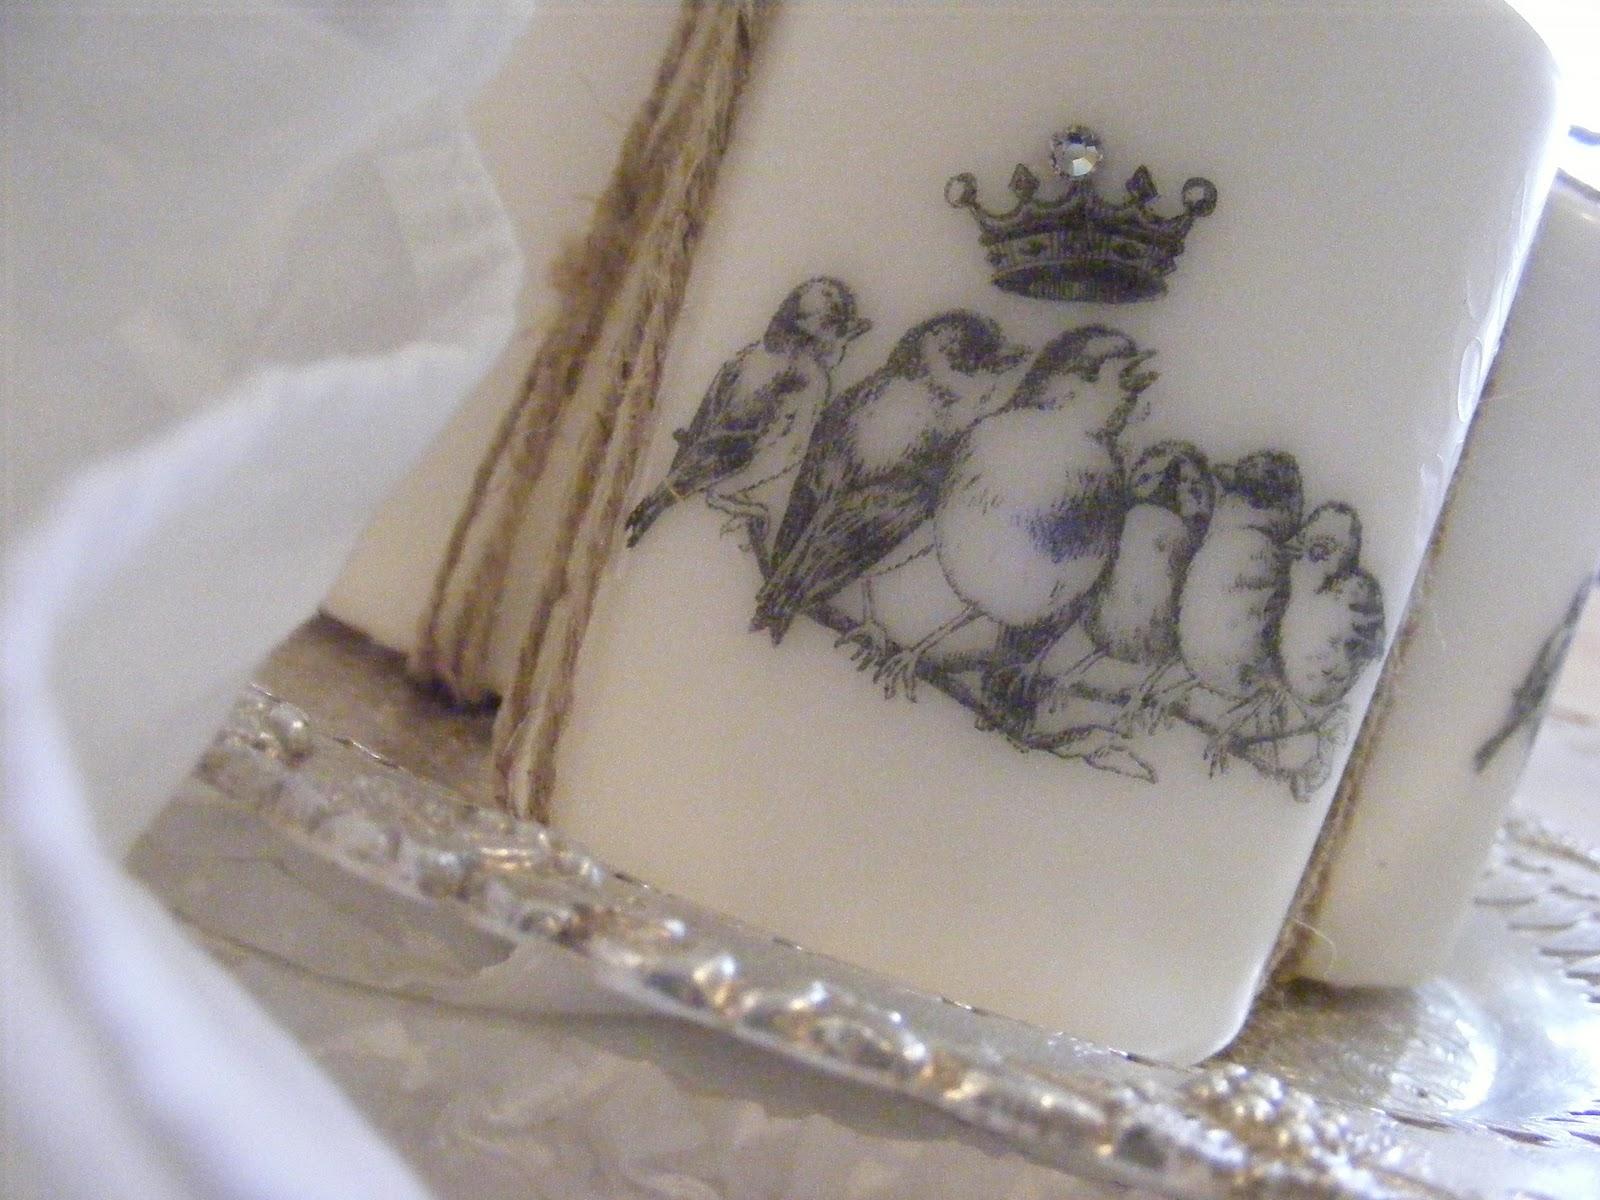 http://4.bp.blogspot.com/_WGvk579kVRE/TQmbXixoKsI/AAAAAAAACu0/_zDRFWfyF98/s1600/gloves+051.JPG